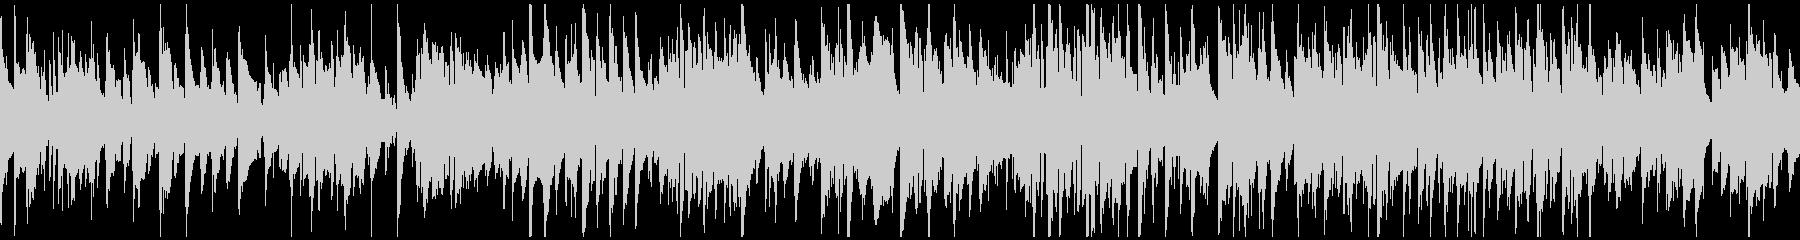 優しいジャズワルツ、サックス ※ループ版の未再生の波形